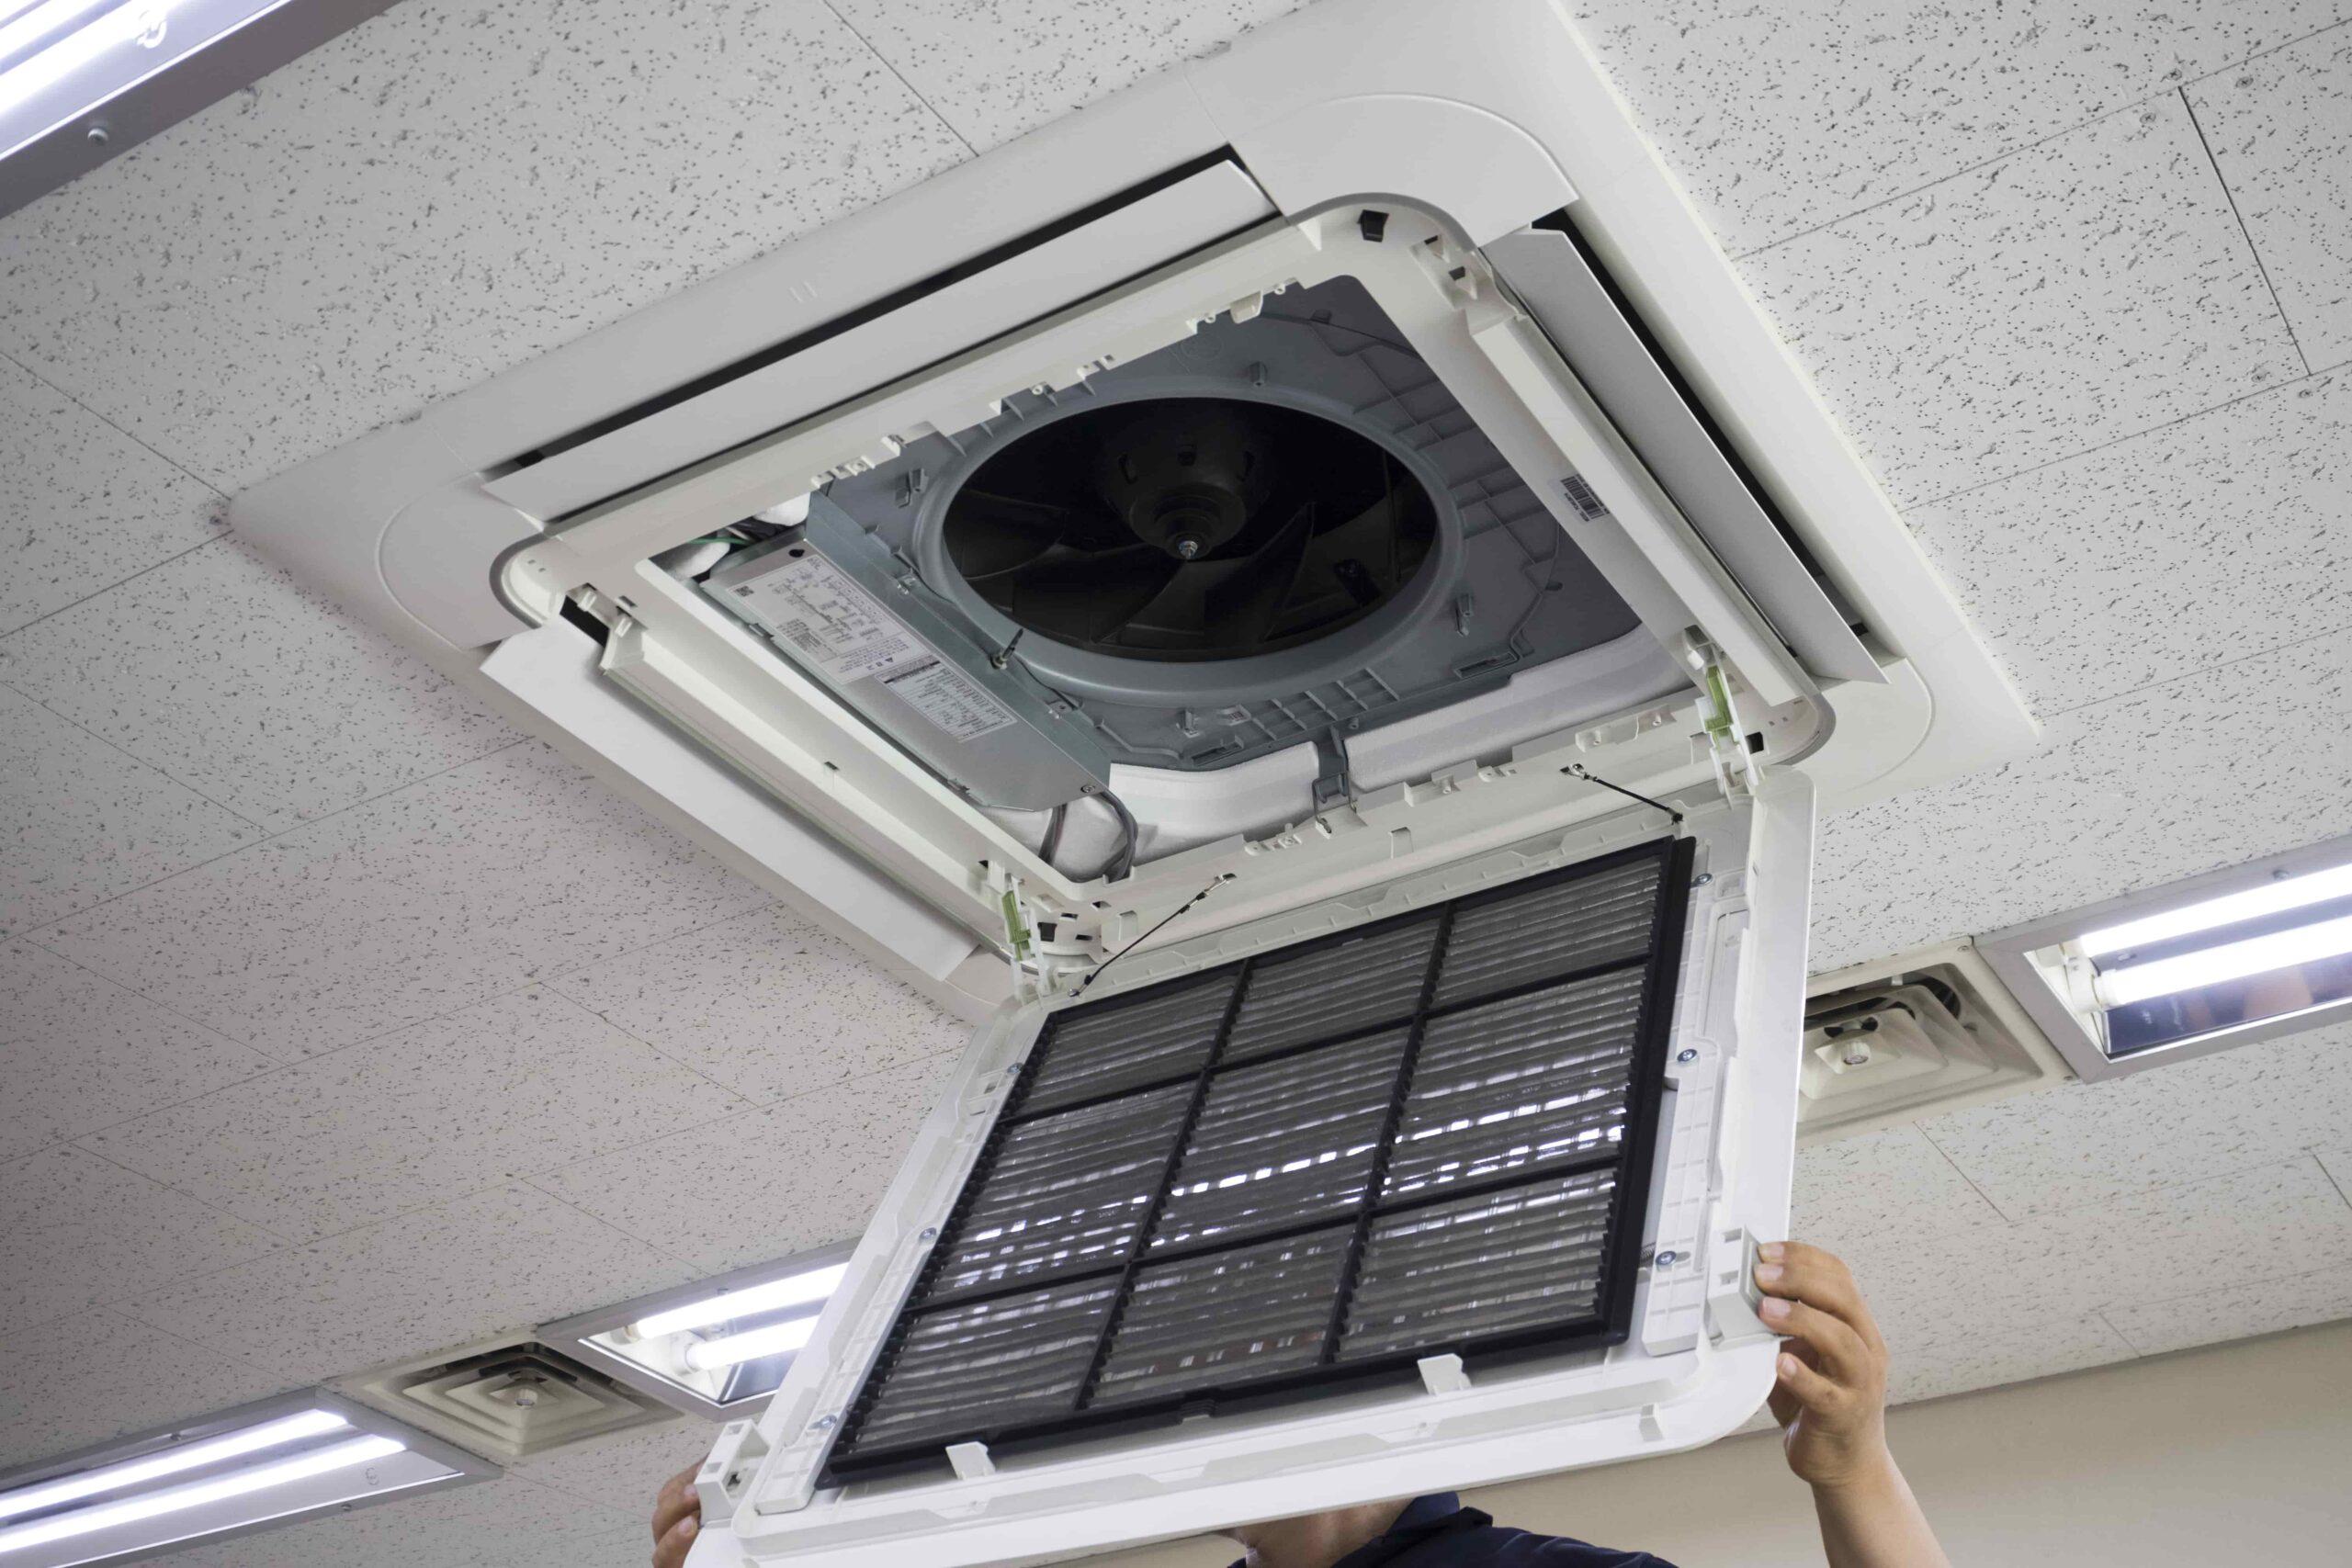 業務用エアコンを自分で掃除する際の注意点